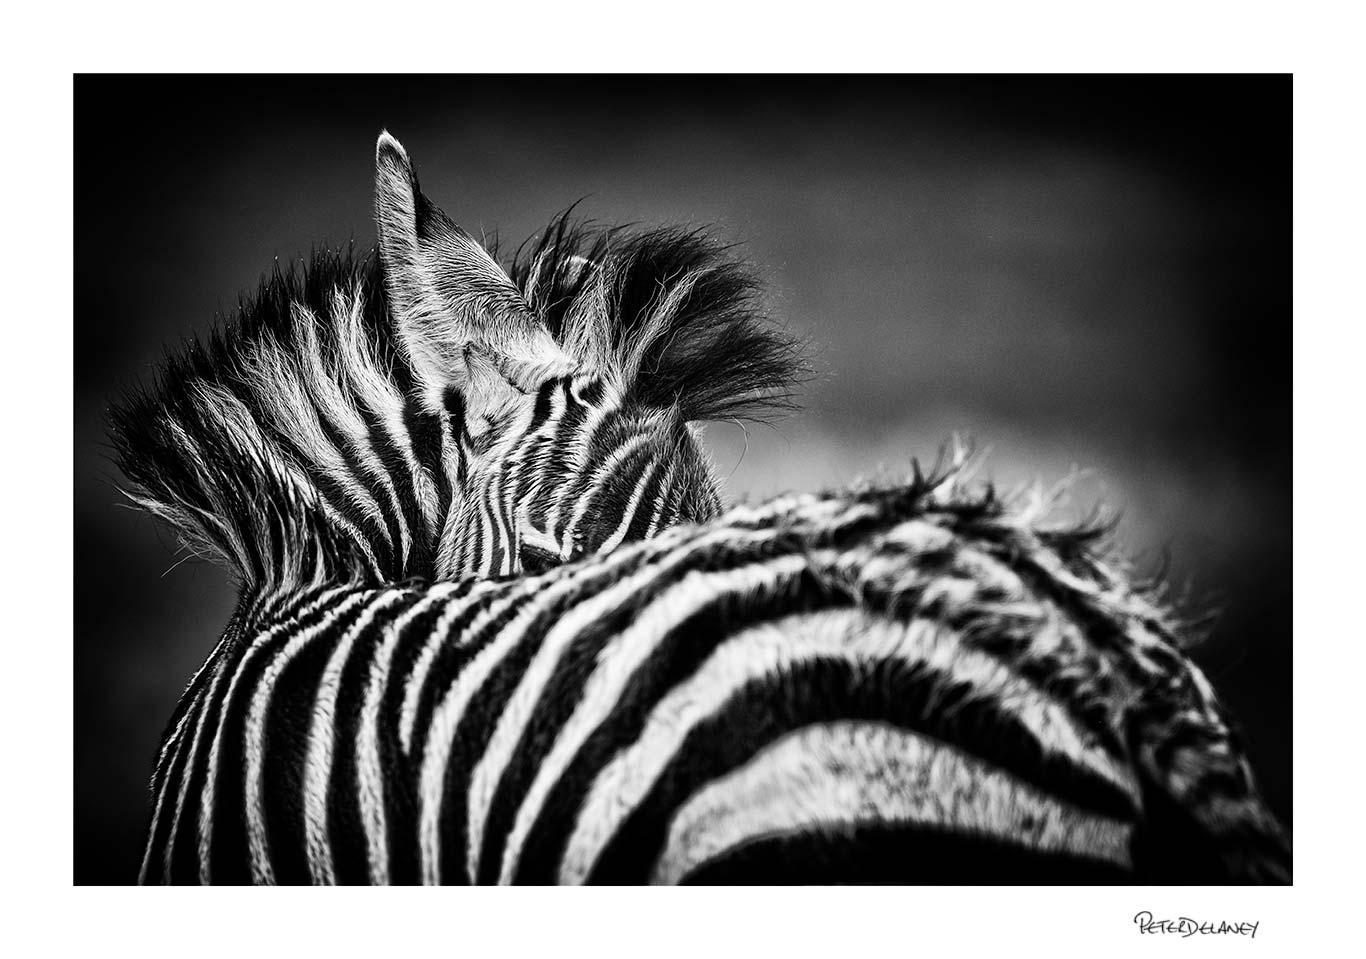 zebra+foal+looking+back.jpg